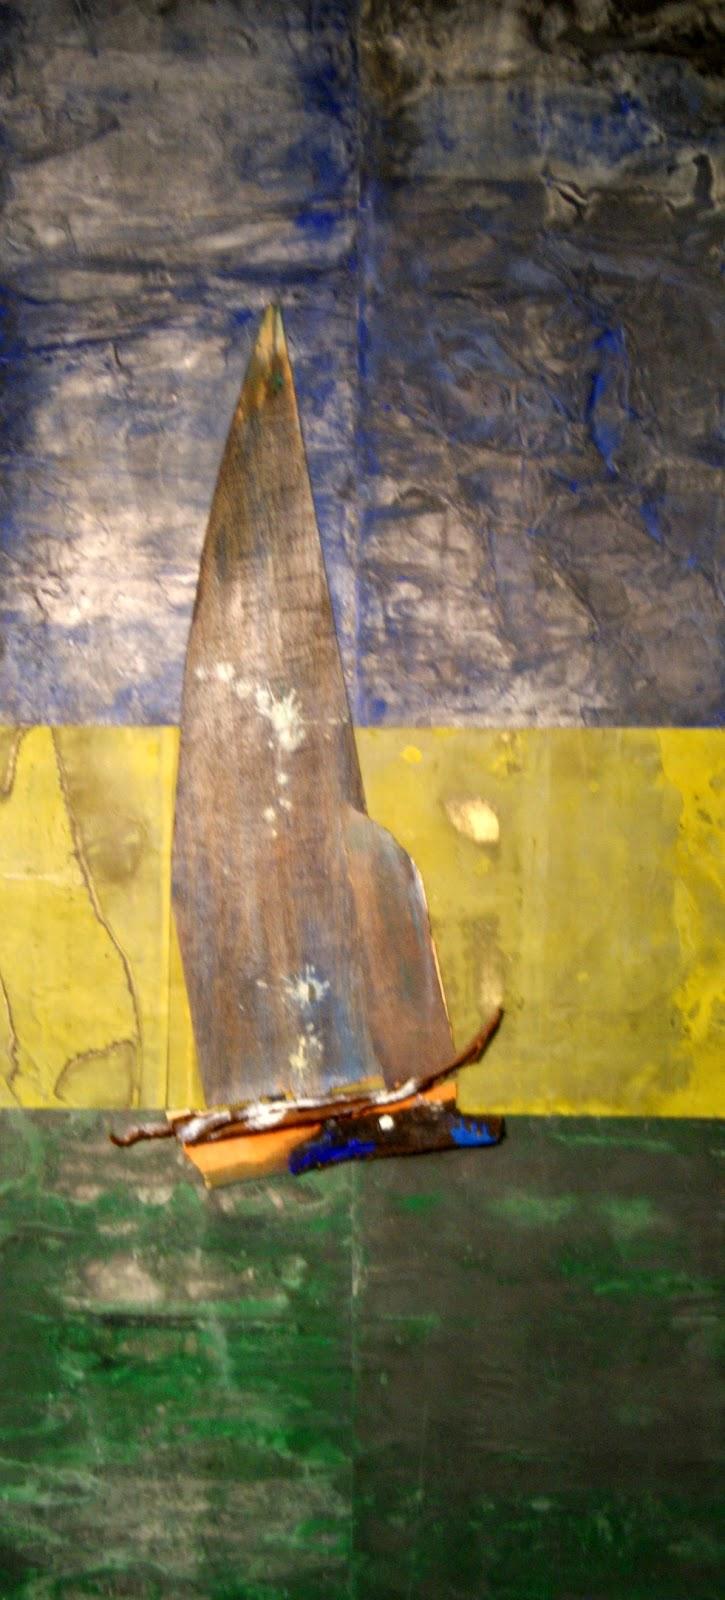 Vells vaixells, noves onades (Exposició de Carme Riera) per Teresa Grau Ros